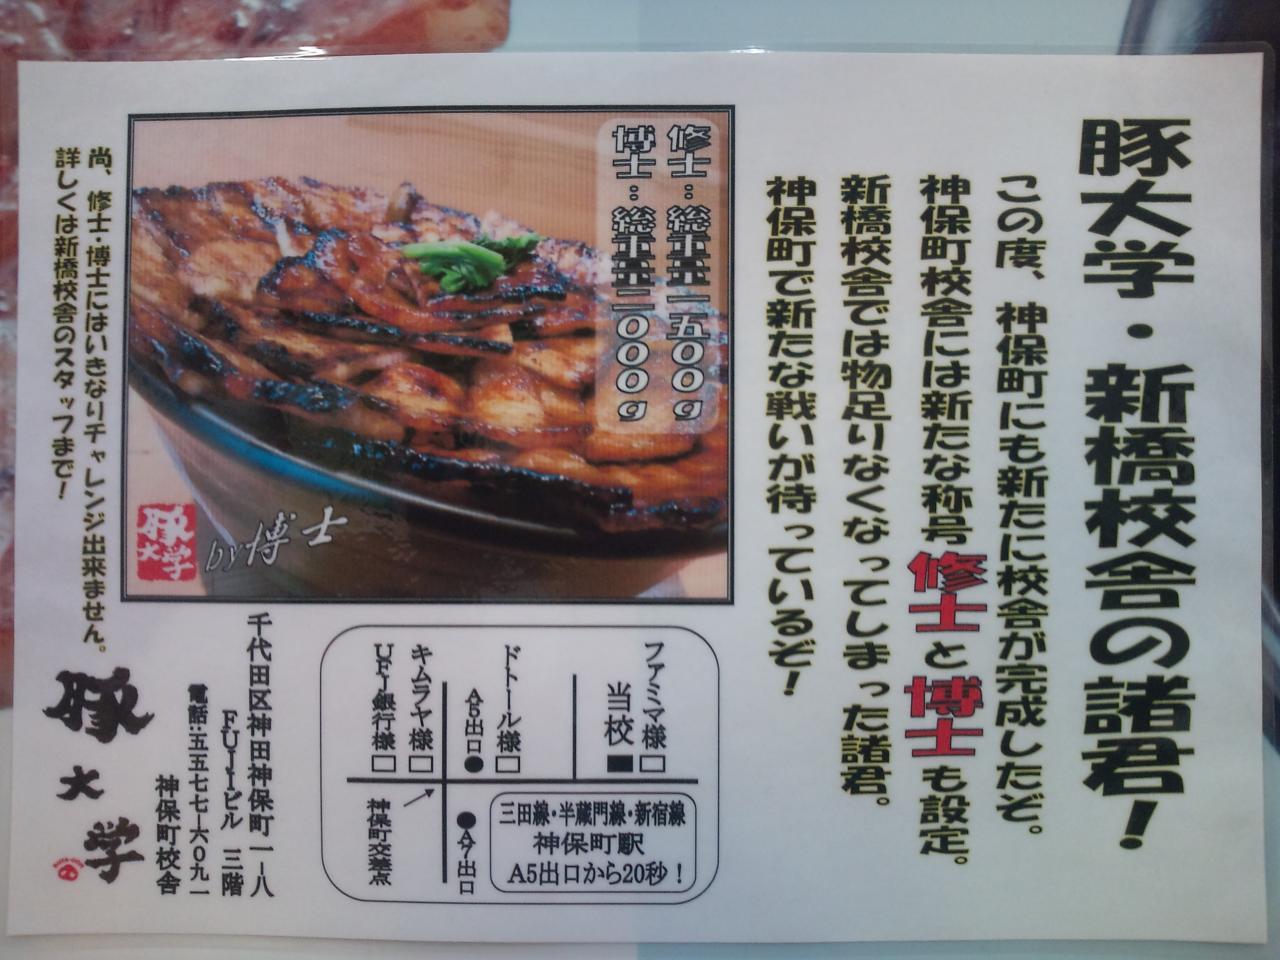 豚大学新橋店(お知らせ)